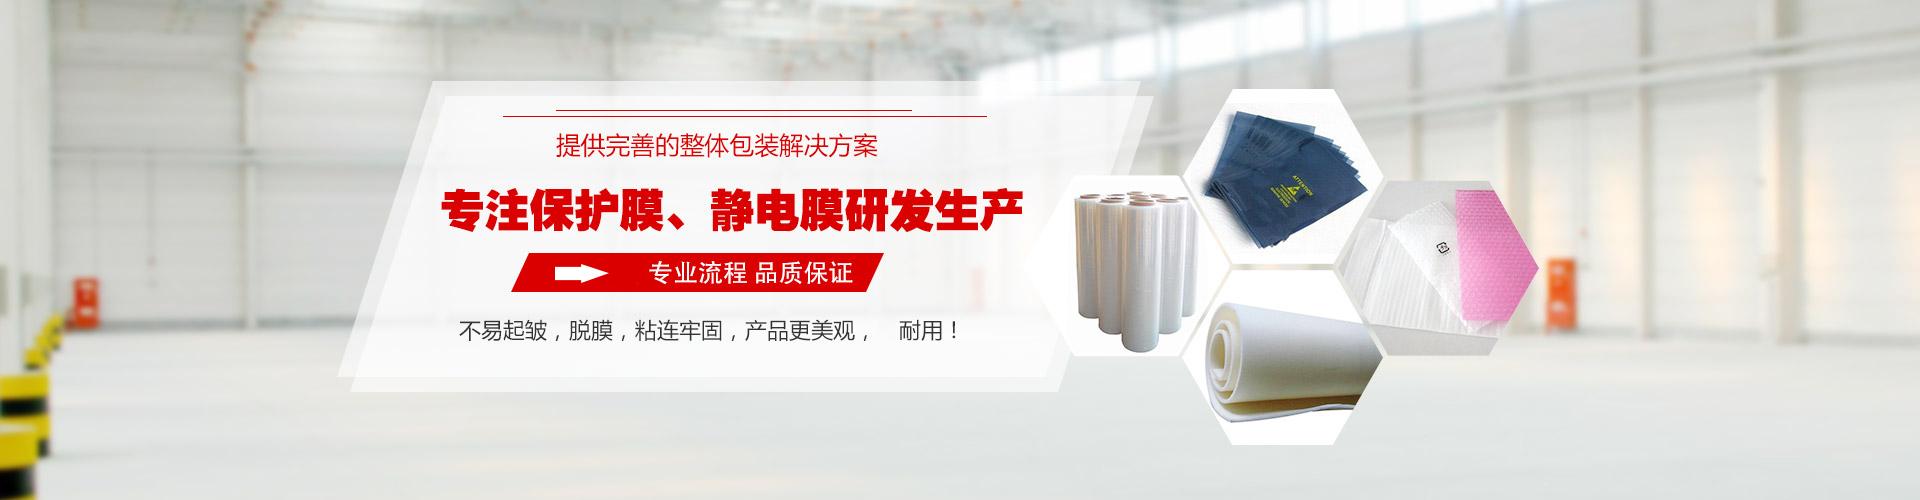 重庆必威体育在线平台